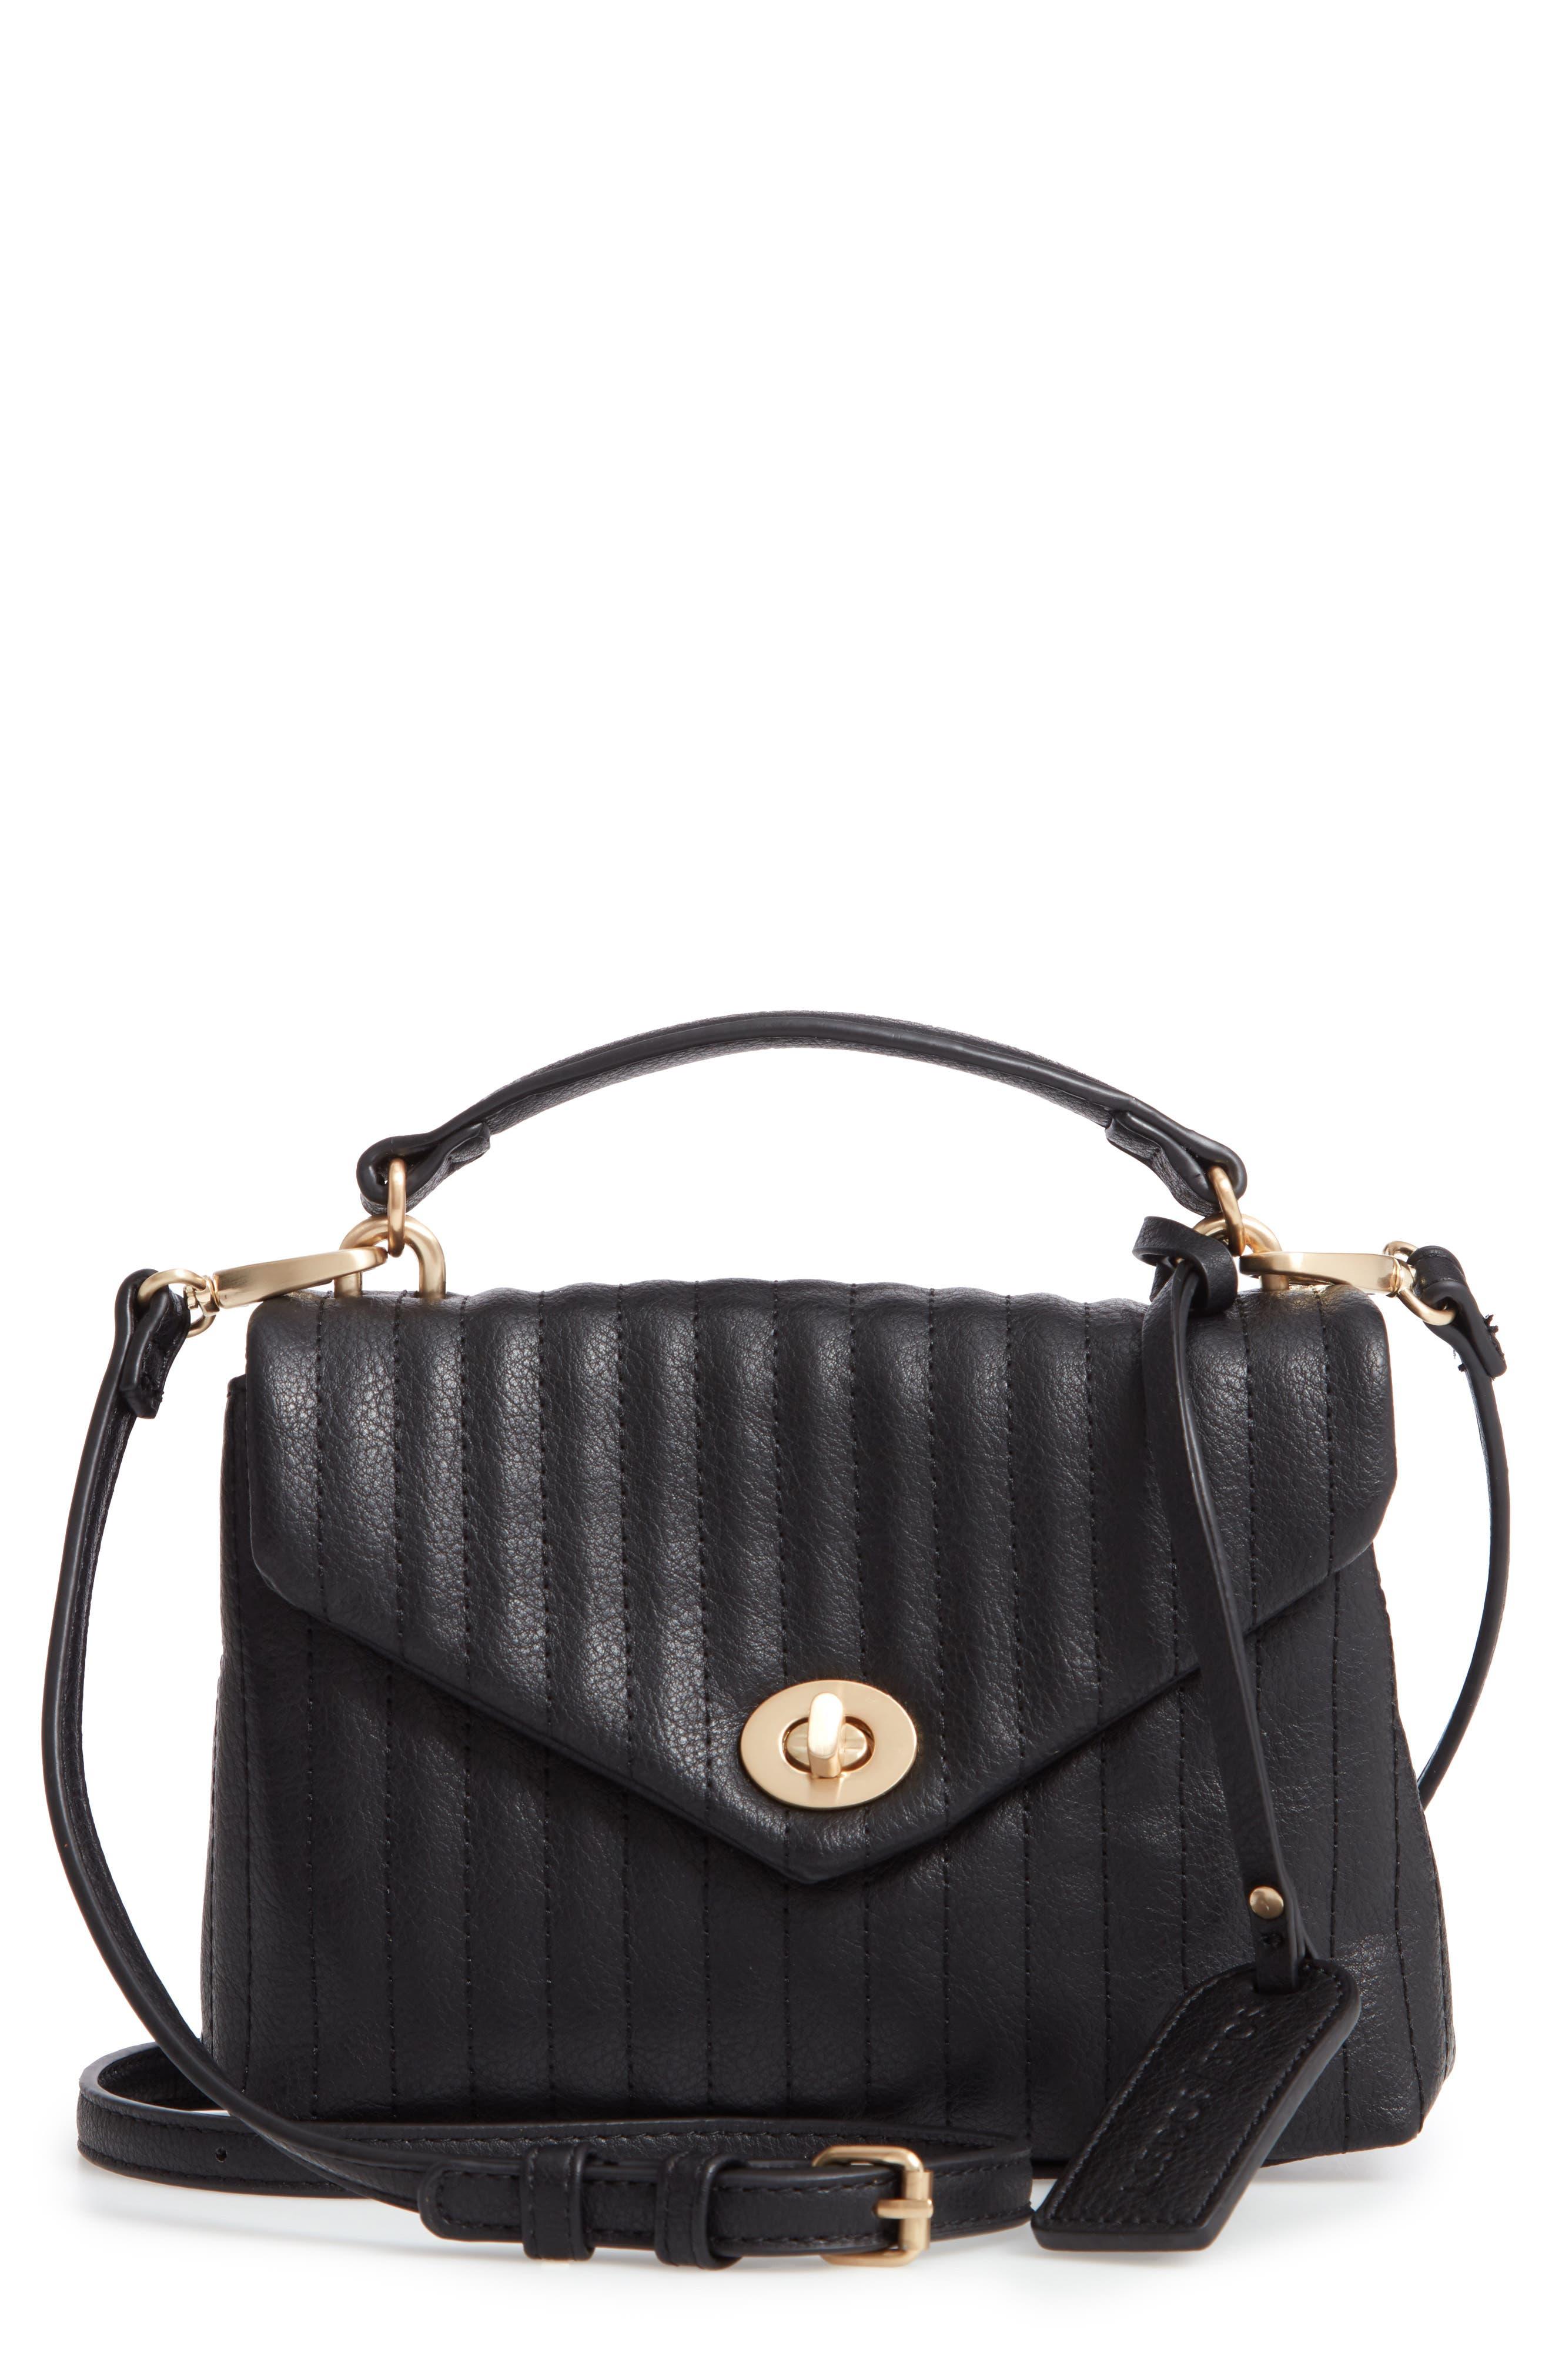 Urche Faux Leather Crossbody Bag,                             Main thumbnail 1, color,                             BLACK